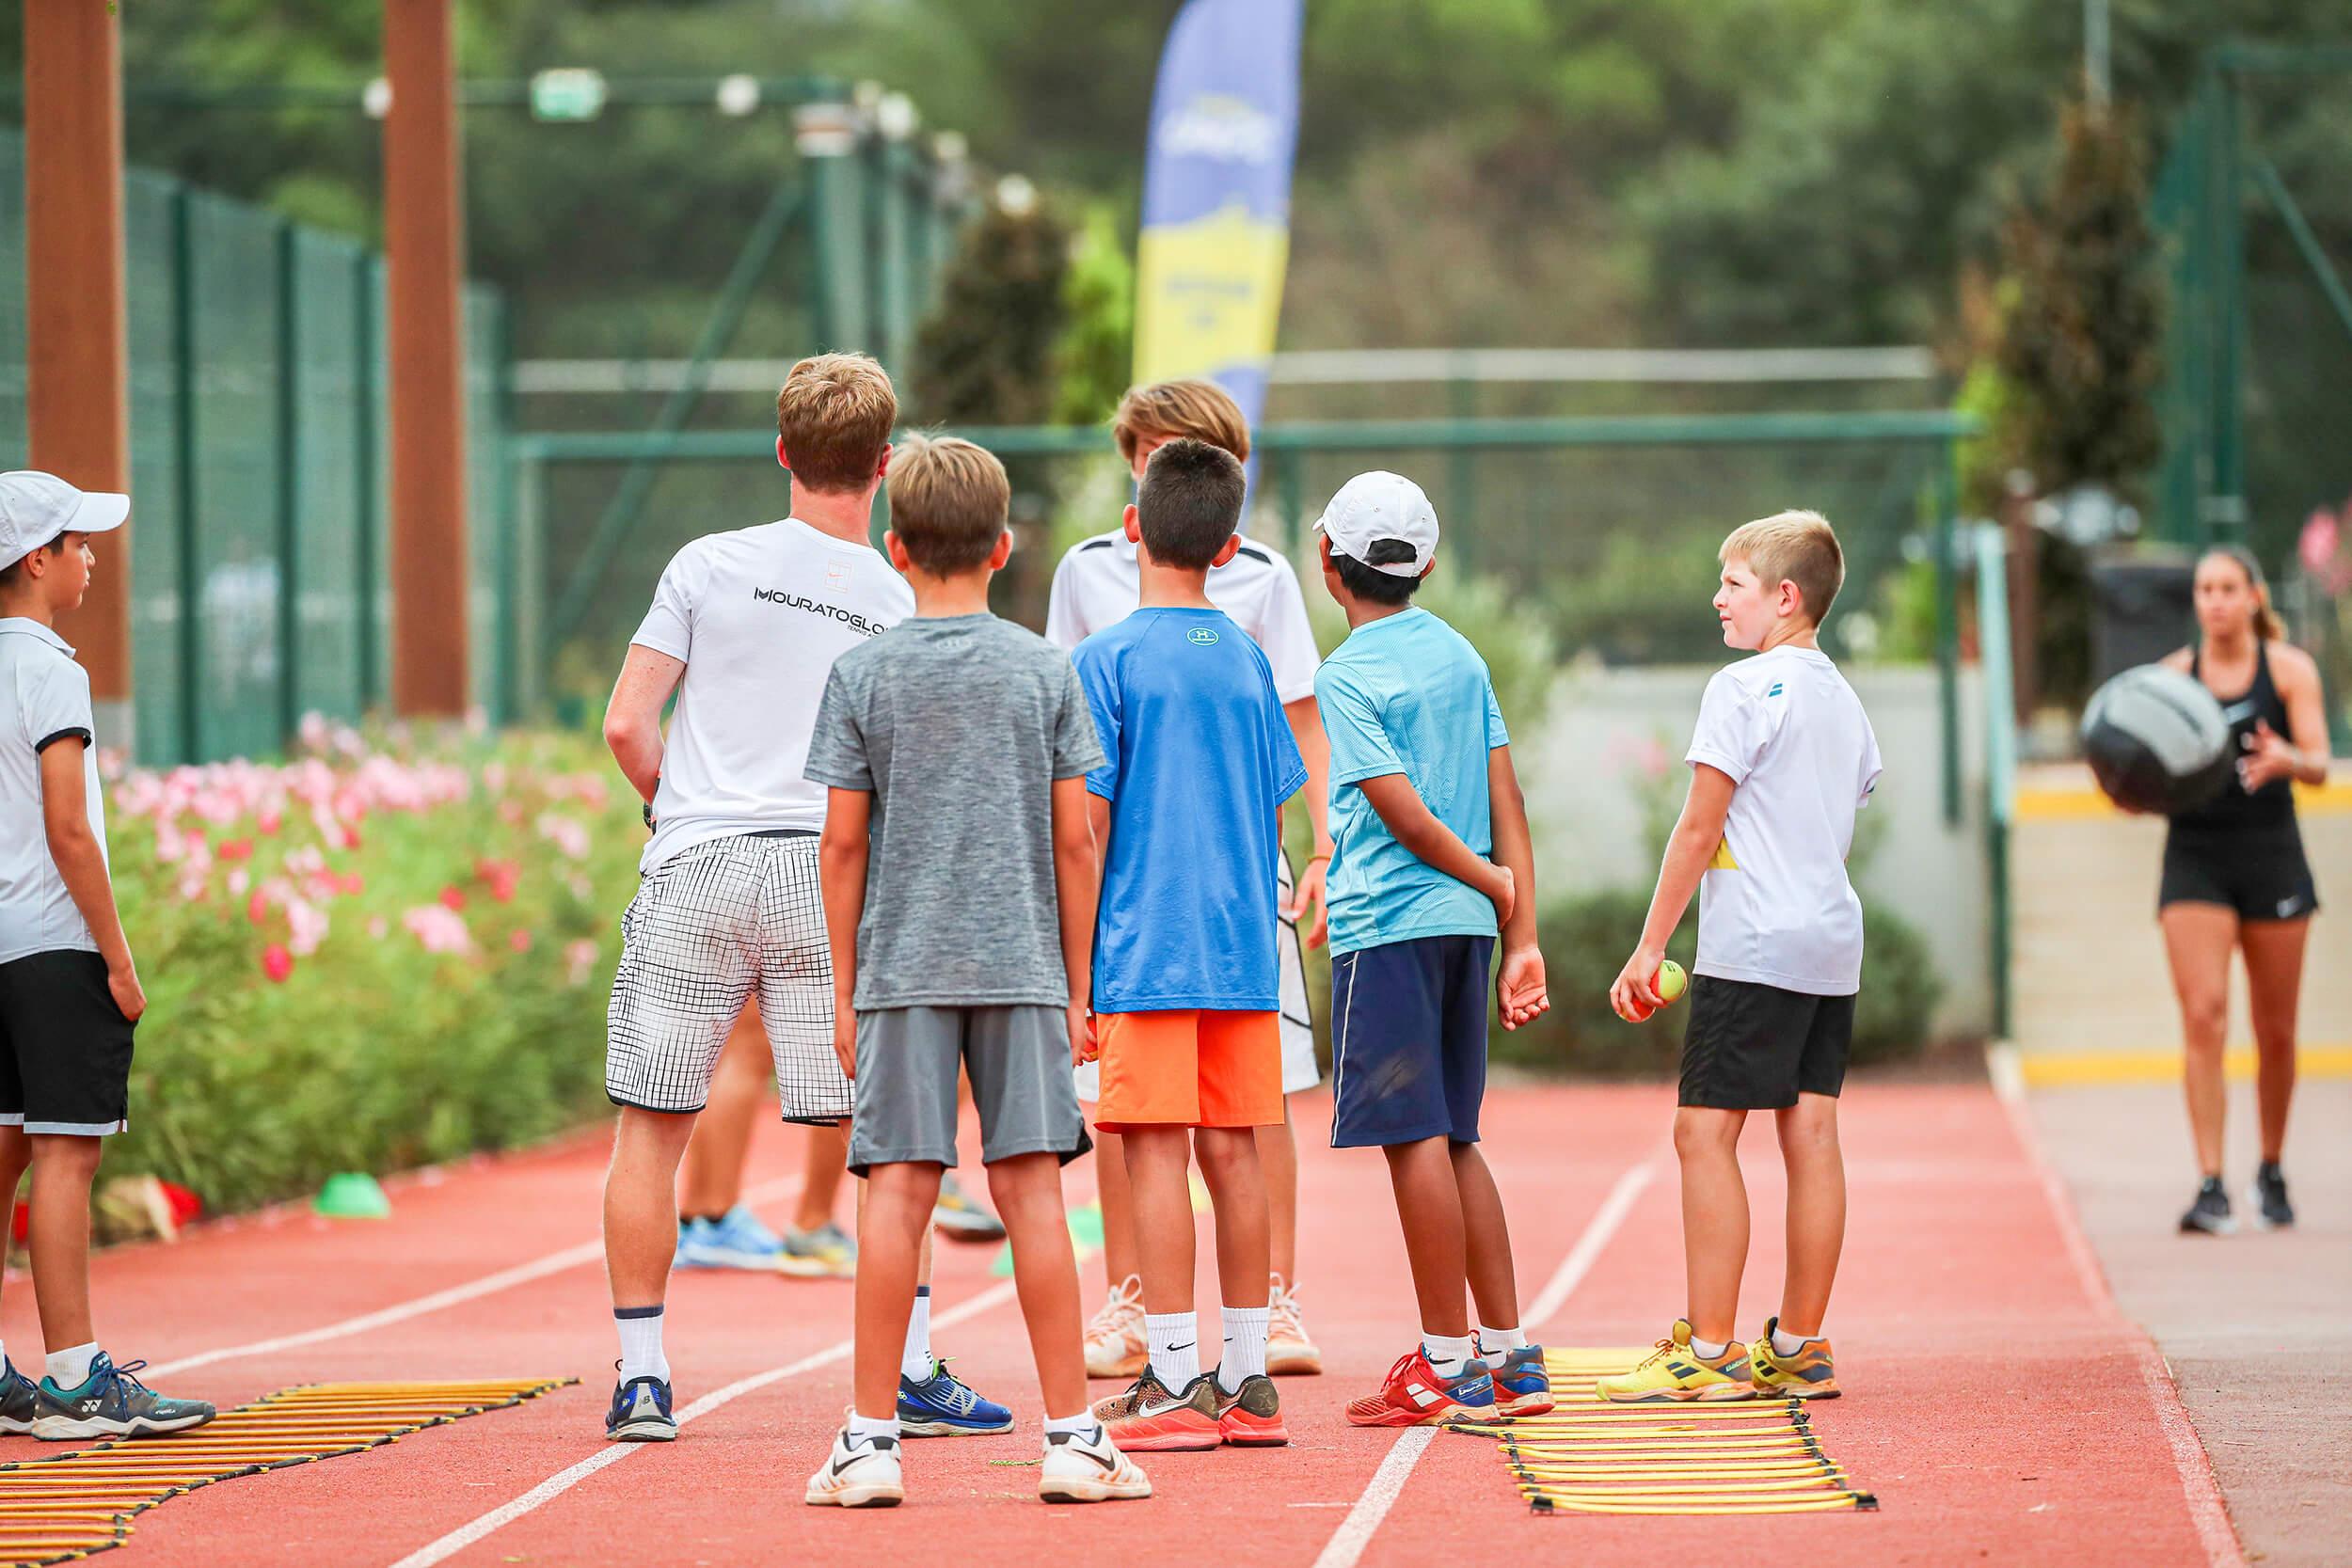 enfants-tennis-groupe